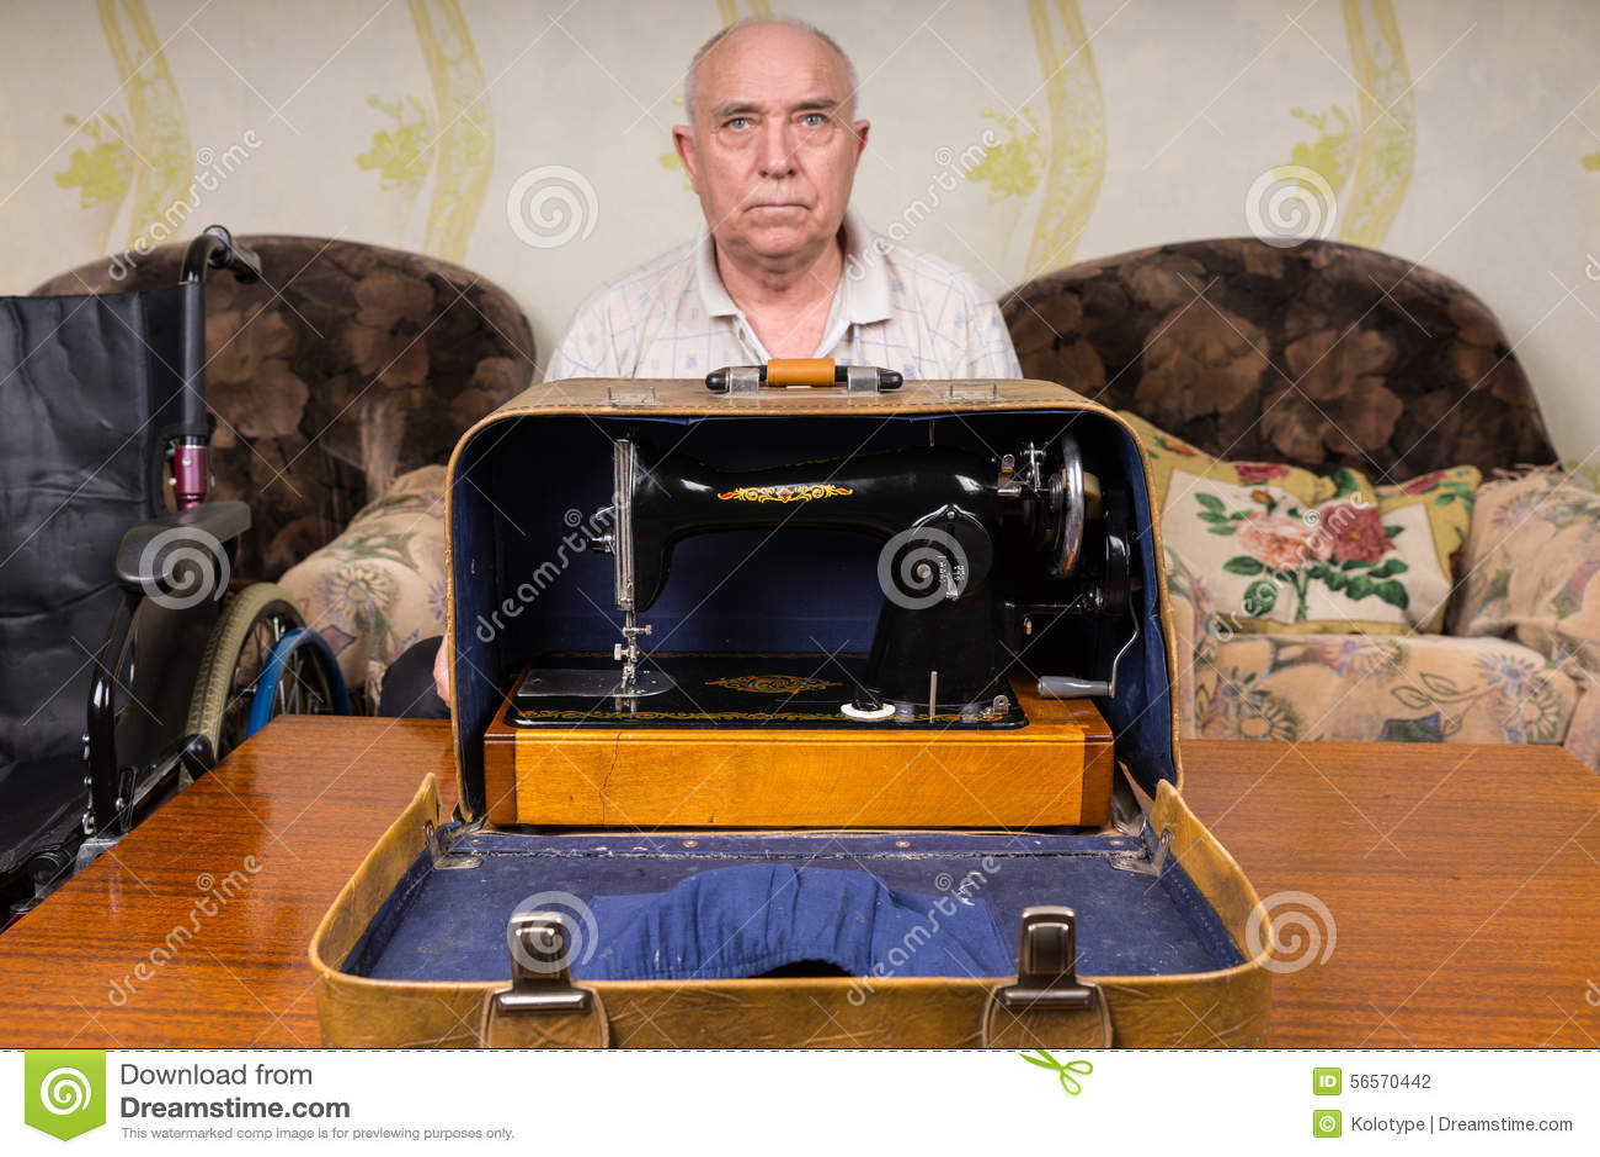 Download Σοβαρός ηληκιωμένος πίσω από μια περίπτωση μηχανών ραψίματος Στοκ Εικόνες - εικόνα από αποχώρηση, παλαιός: 56570442